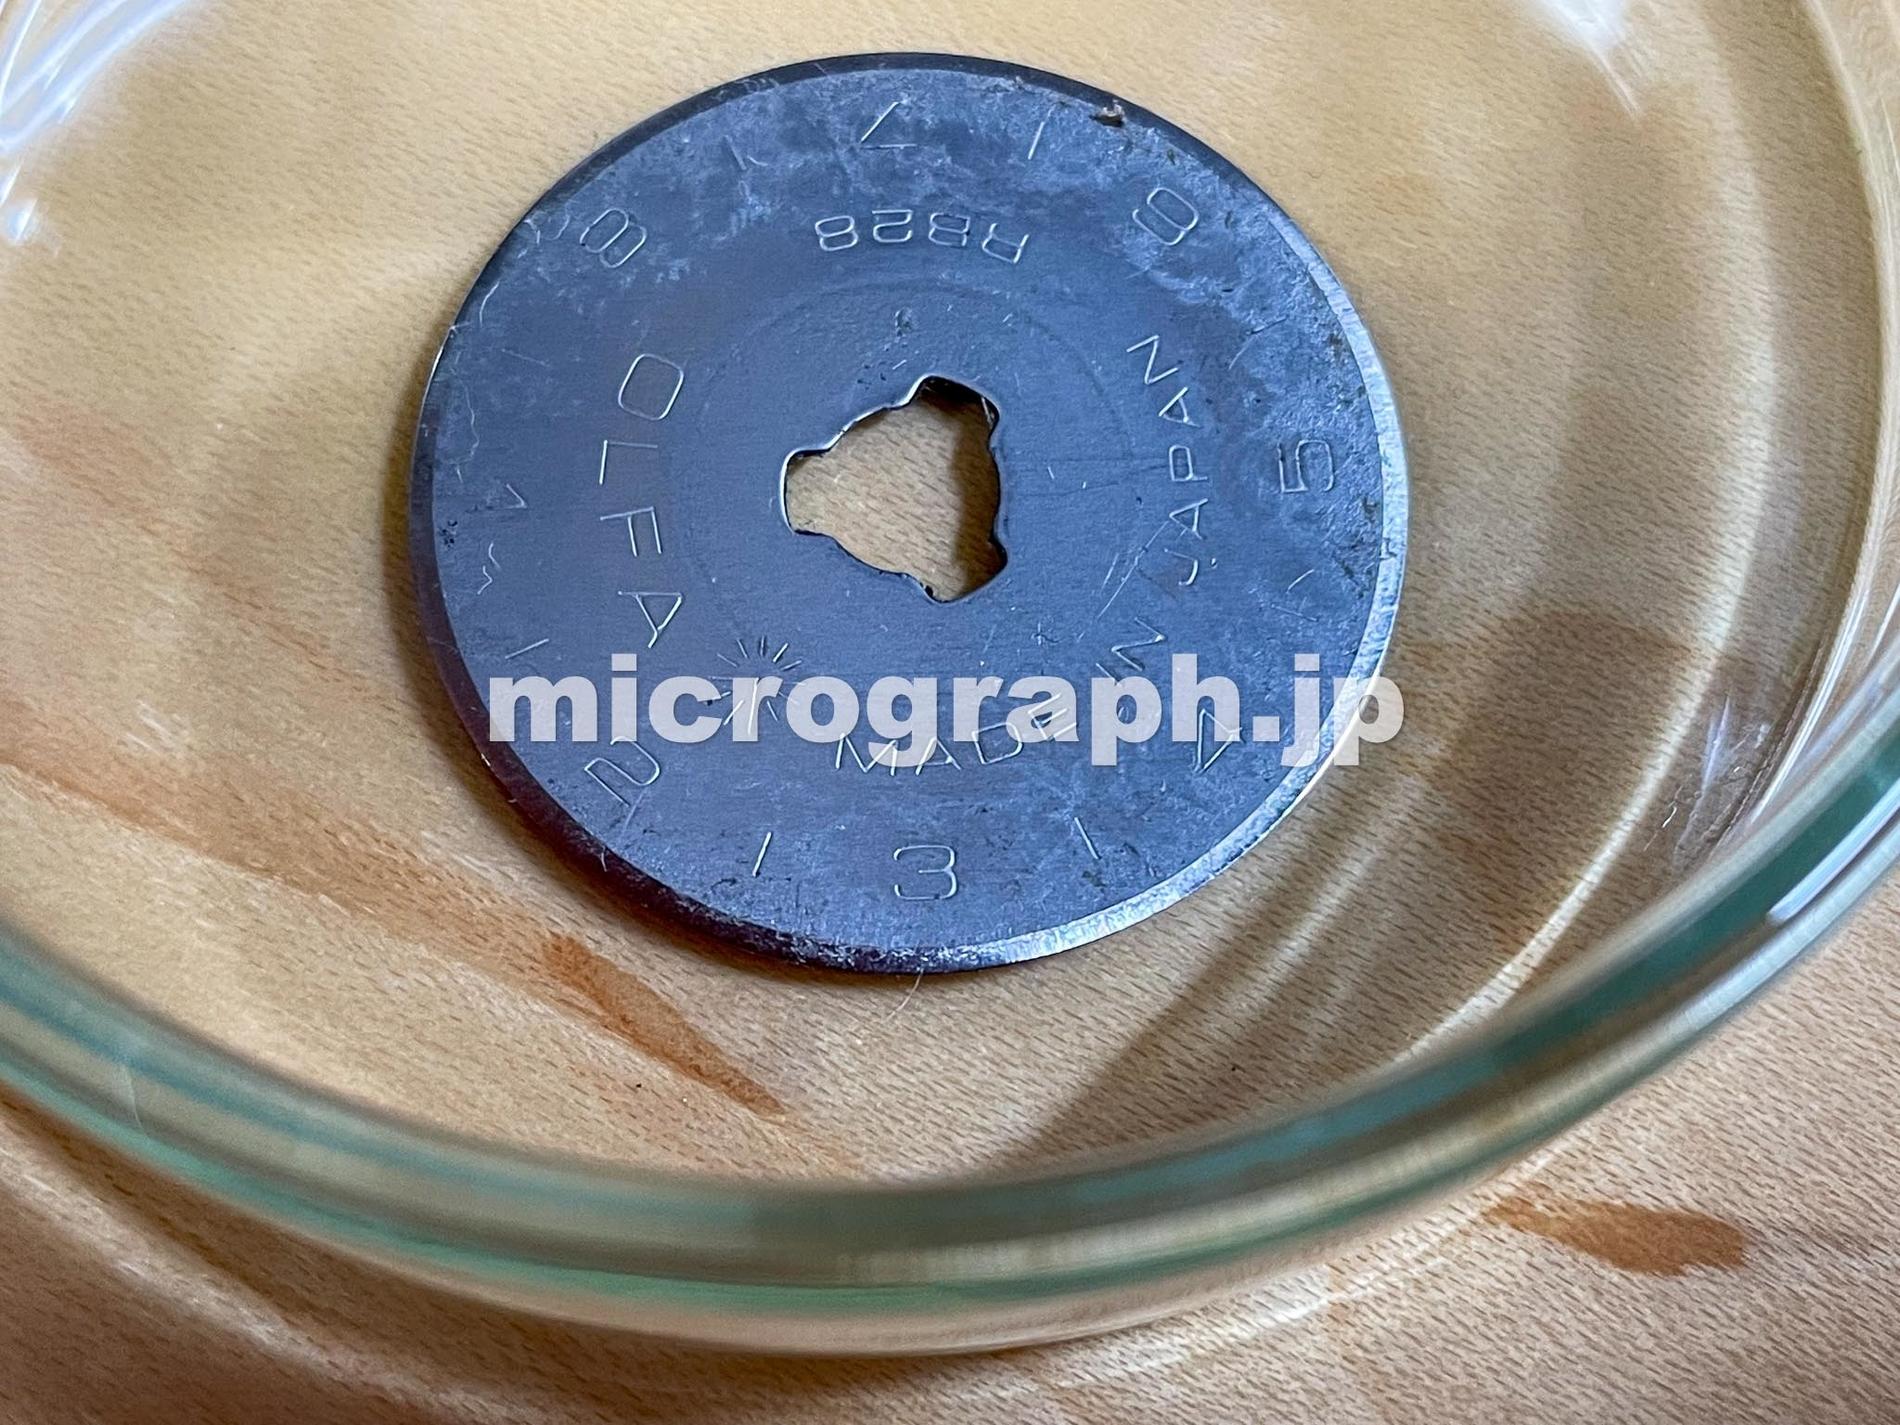 ロータリーカッターの刃の写真